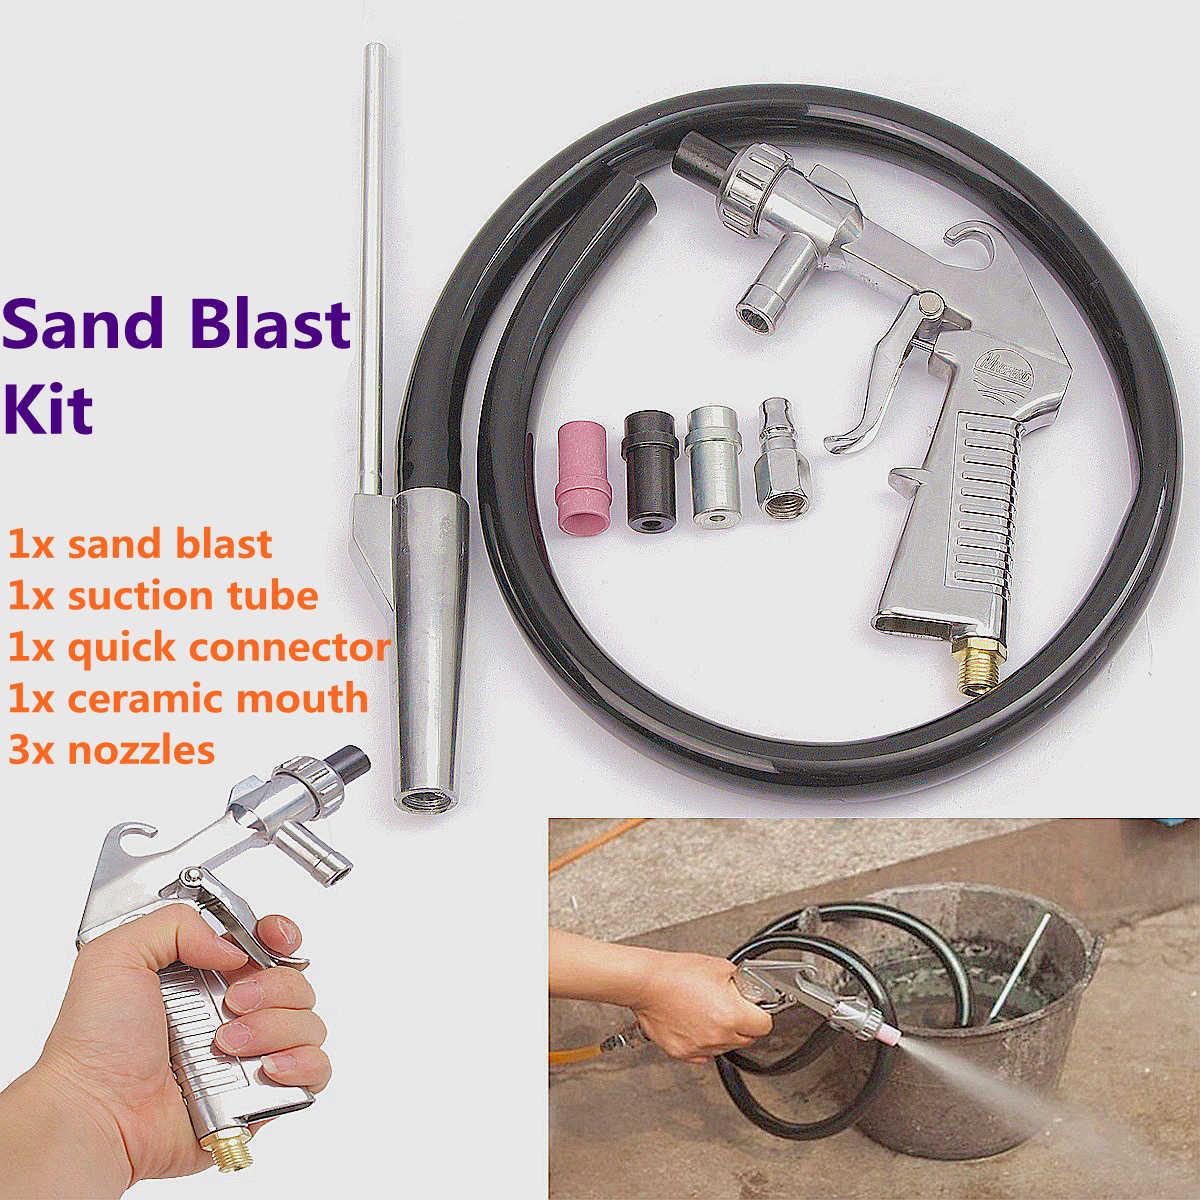 7 шт. абразивный воздушный Пескоструйный пистолет комплект 1 керамическое сопло 1 стальное сопло 1 всасывающая труба для песка промышленный Пескоструйный пистолет